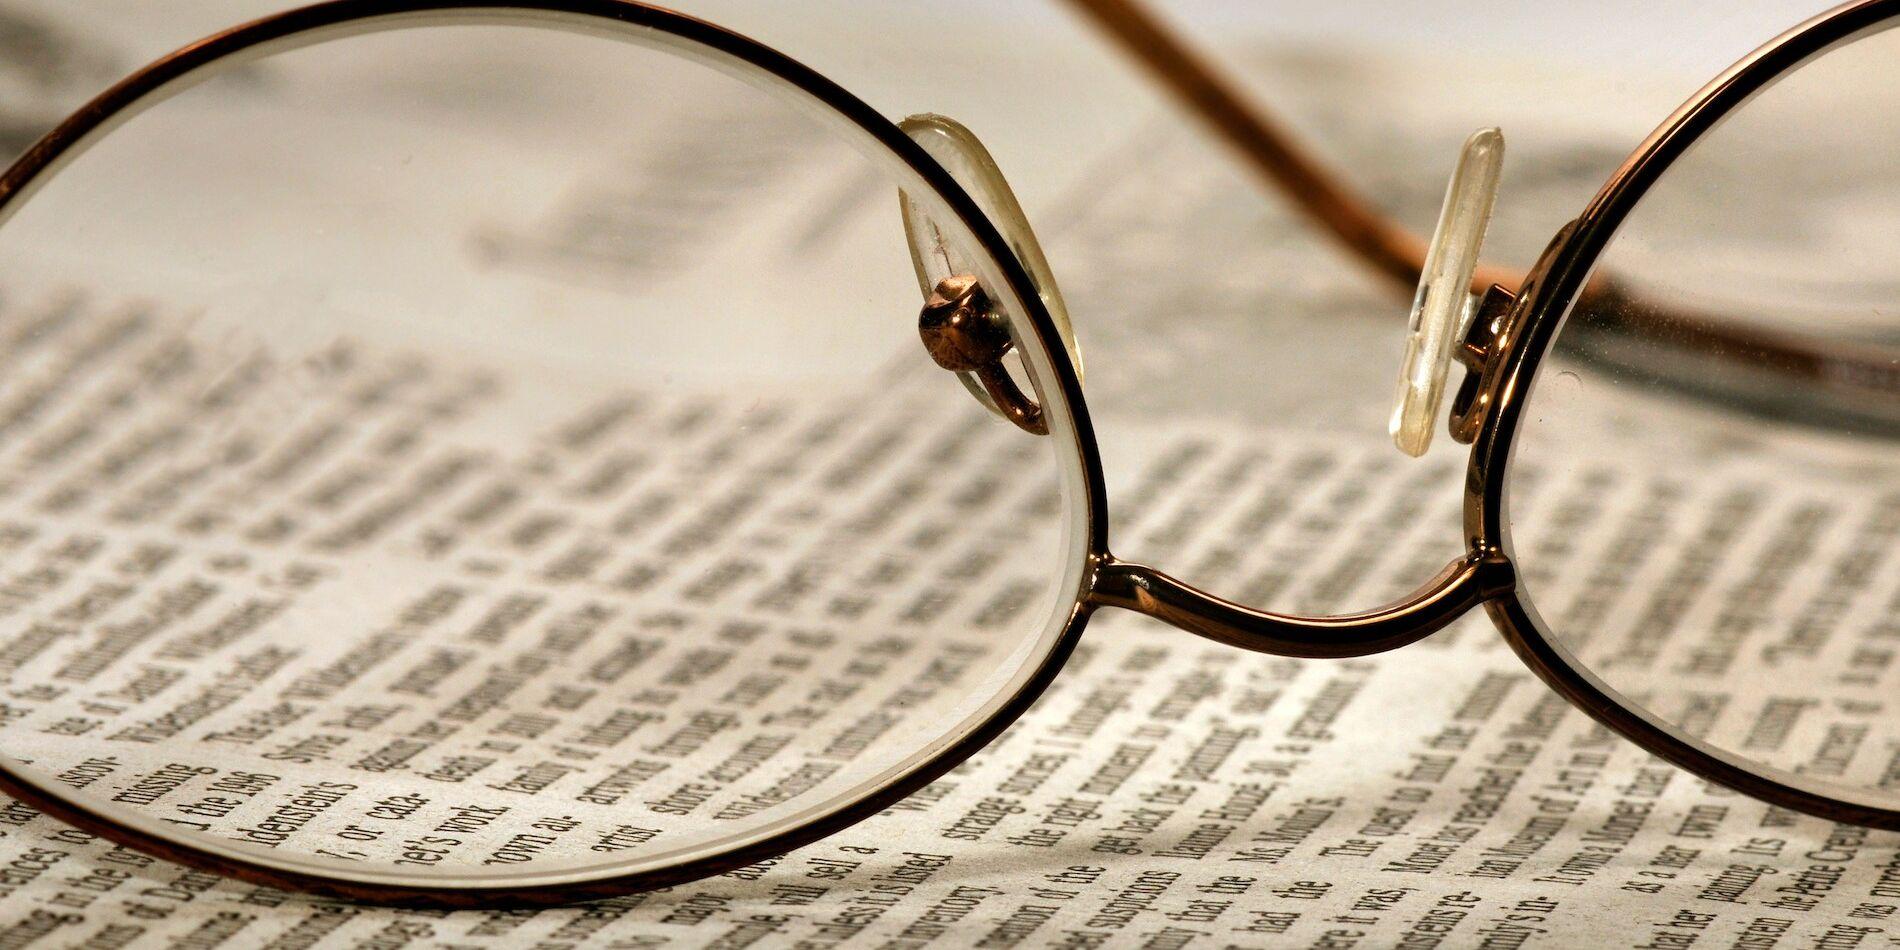 c0916f570d Unas 1.000 ópticas en peligro por la subida del IVA de las monturas de las  gafas - Libre Mercado